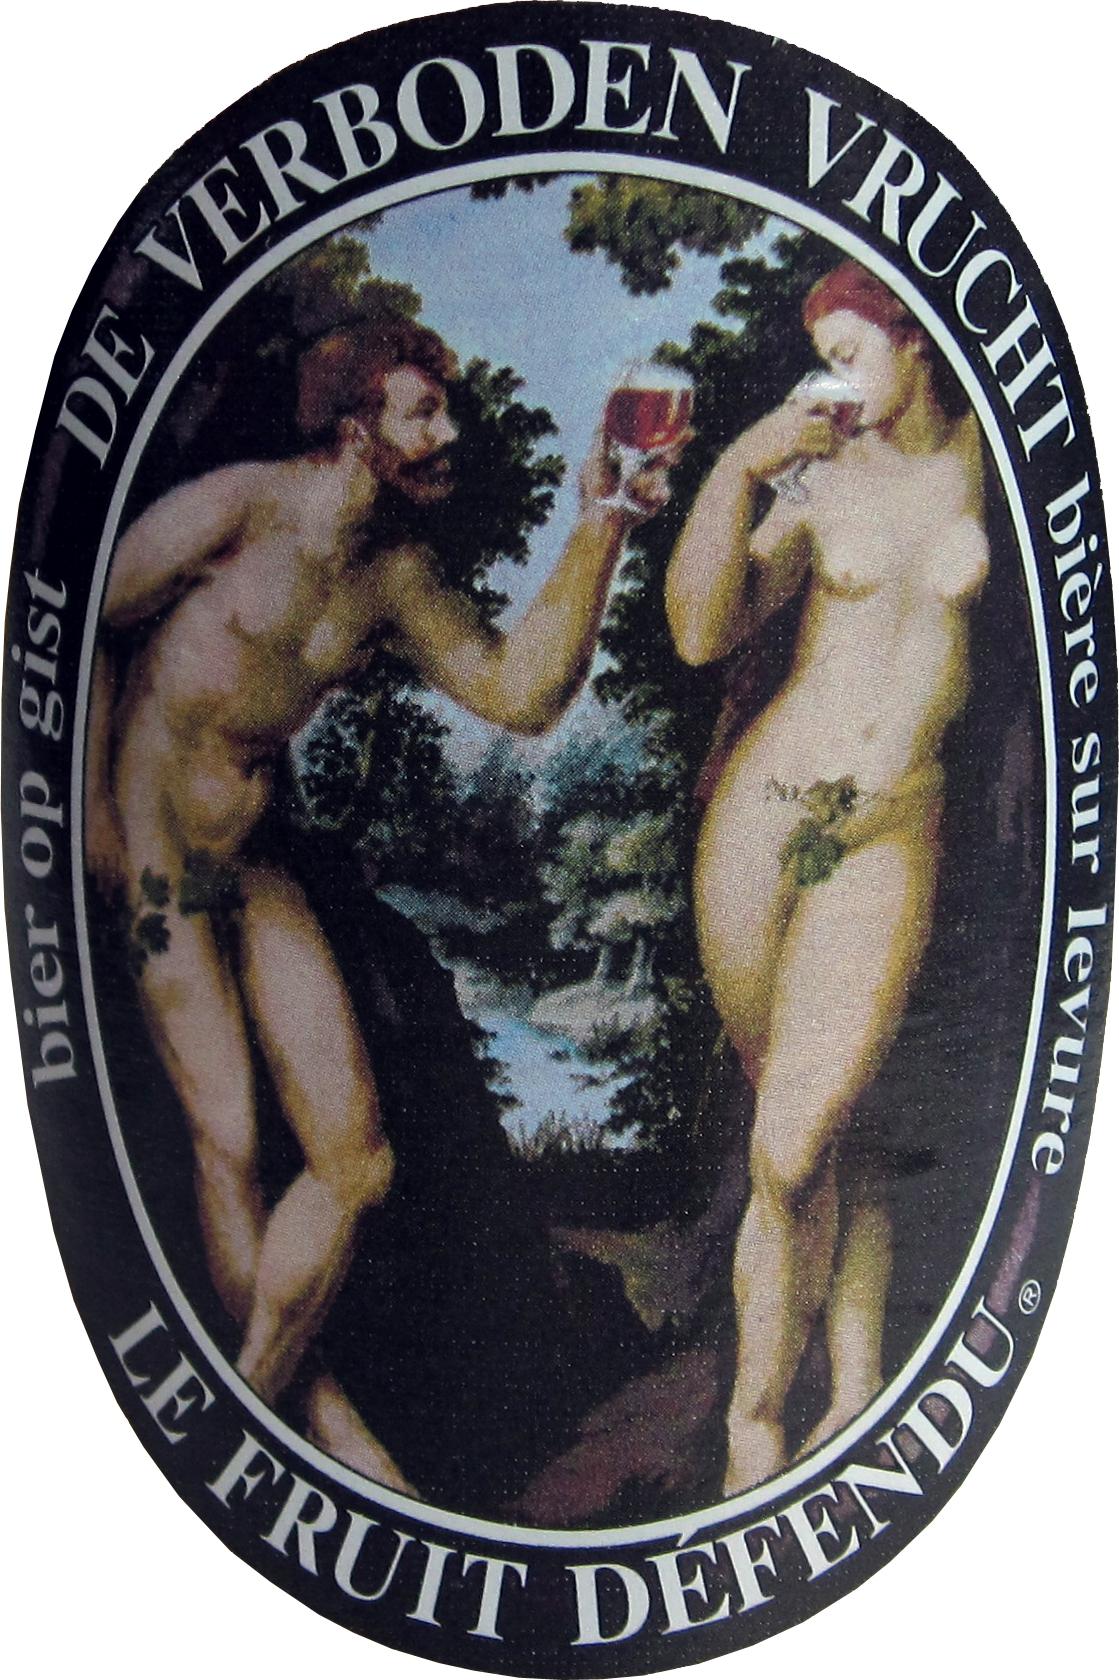 [Image: verboden-vrucht-label.jpg]